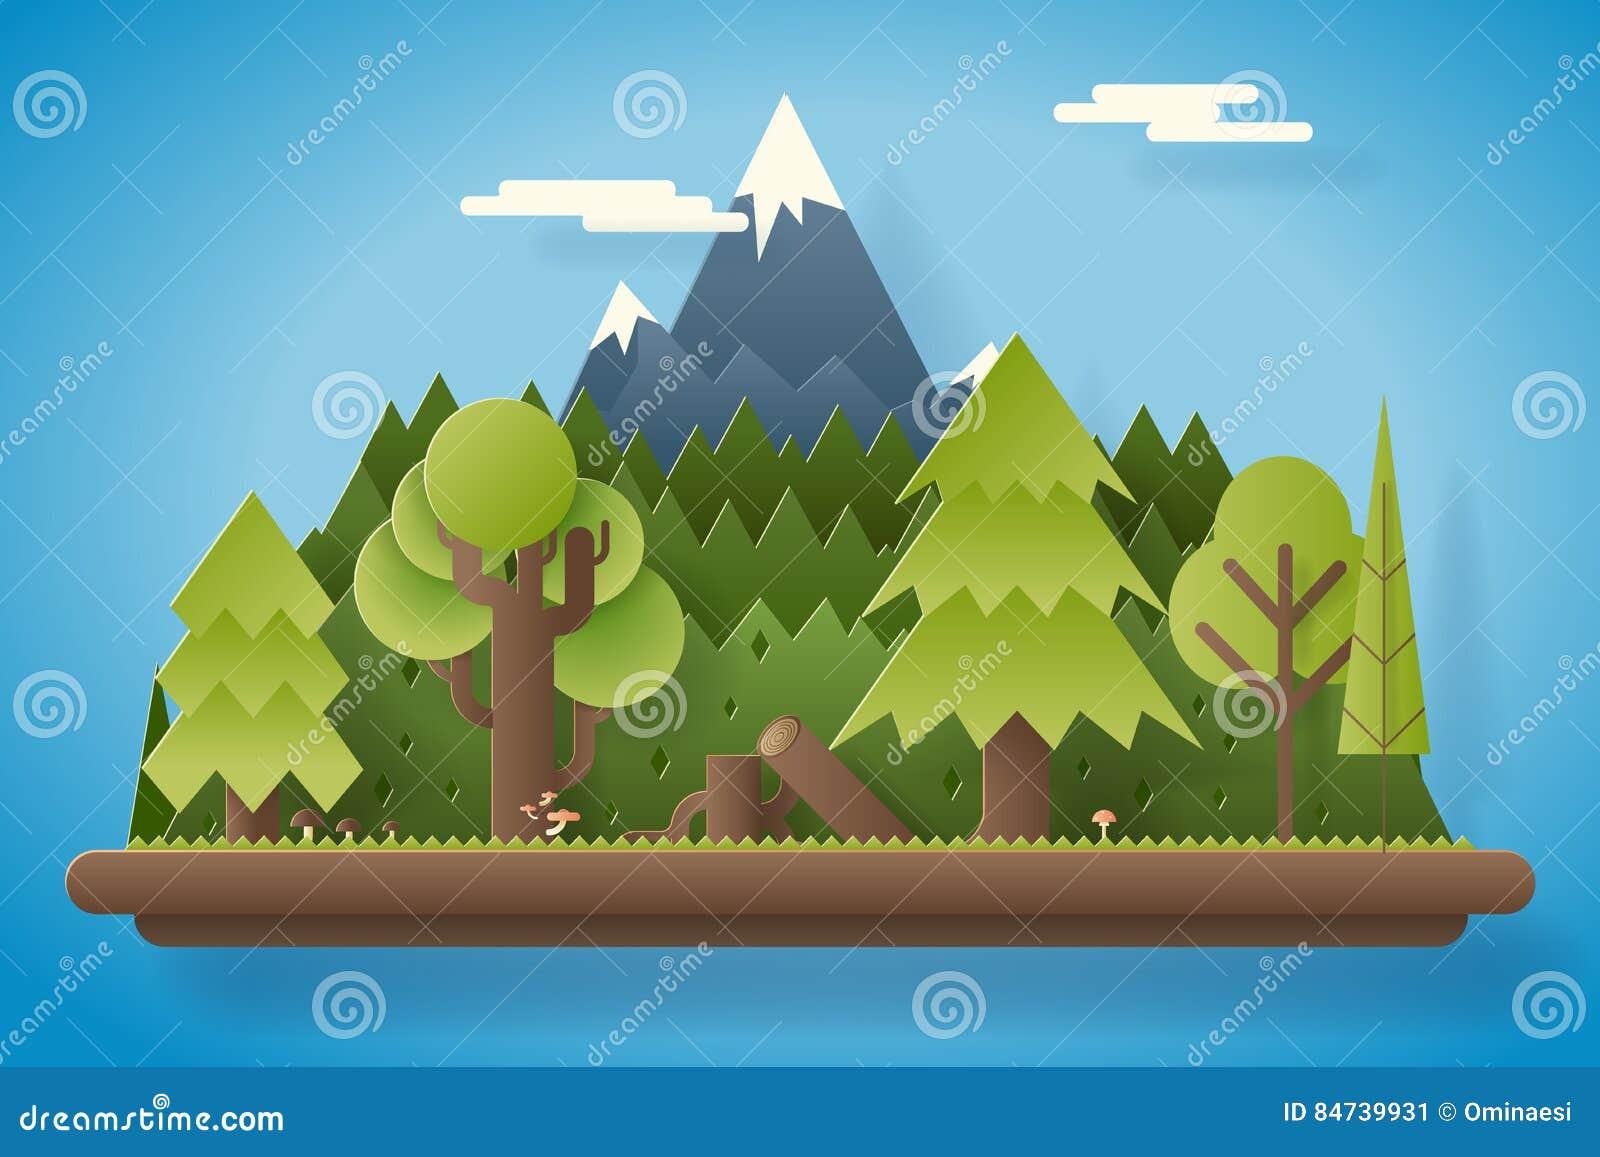 在山平的设计风景背景模板传染媒介例证下的纸木头